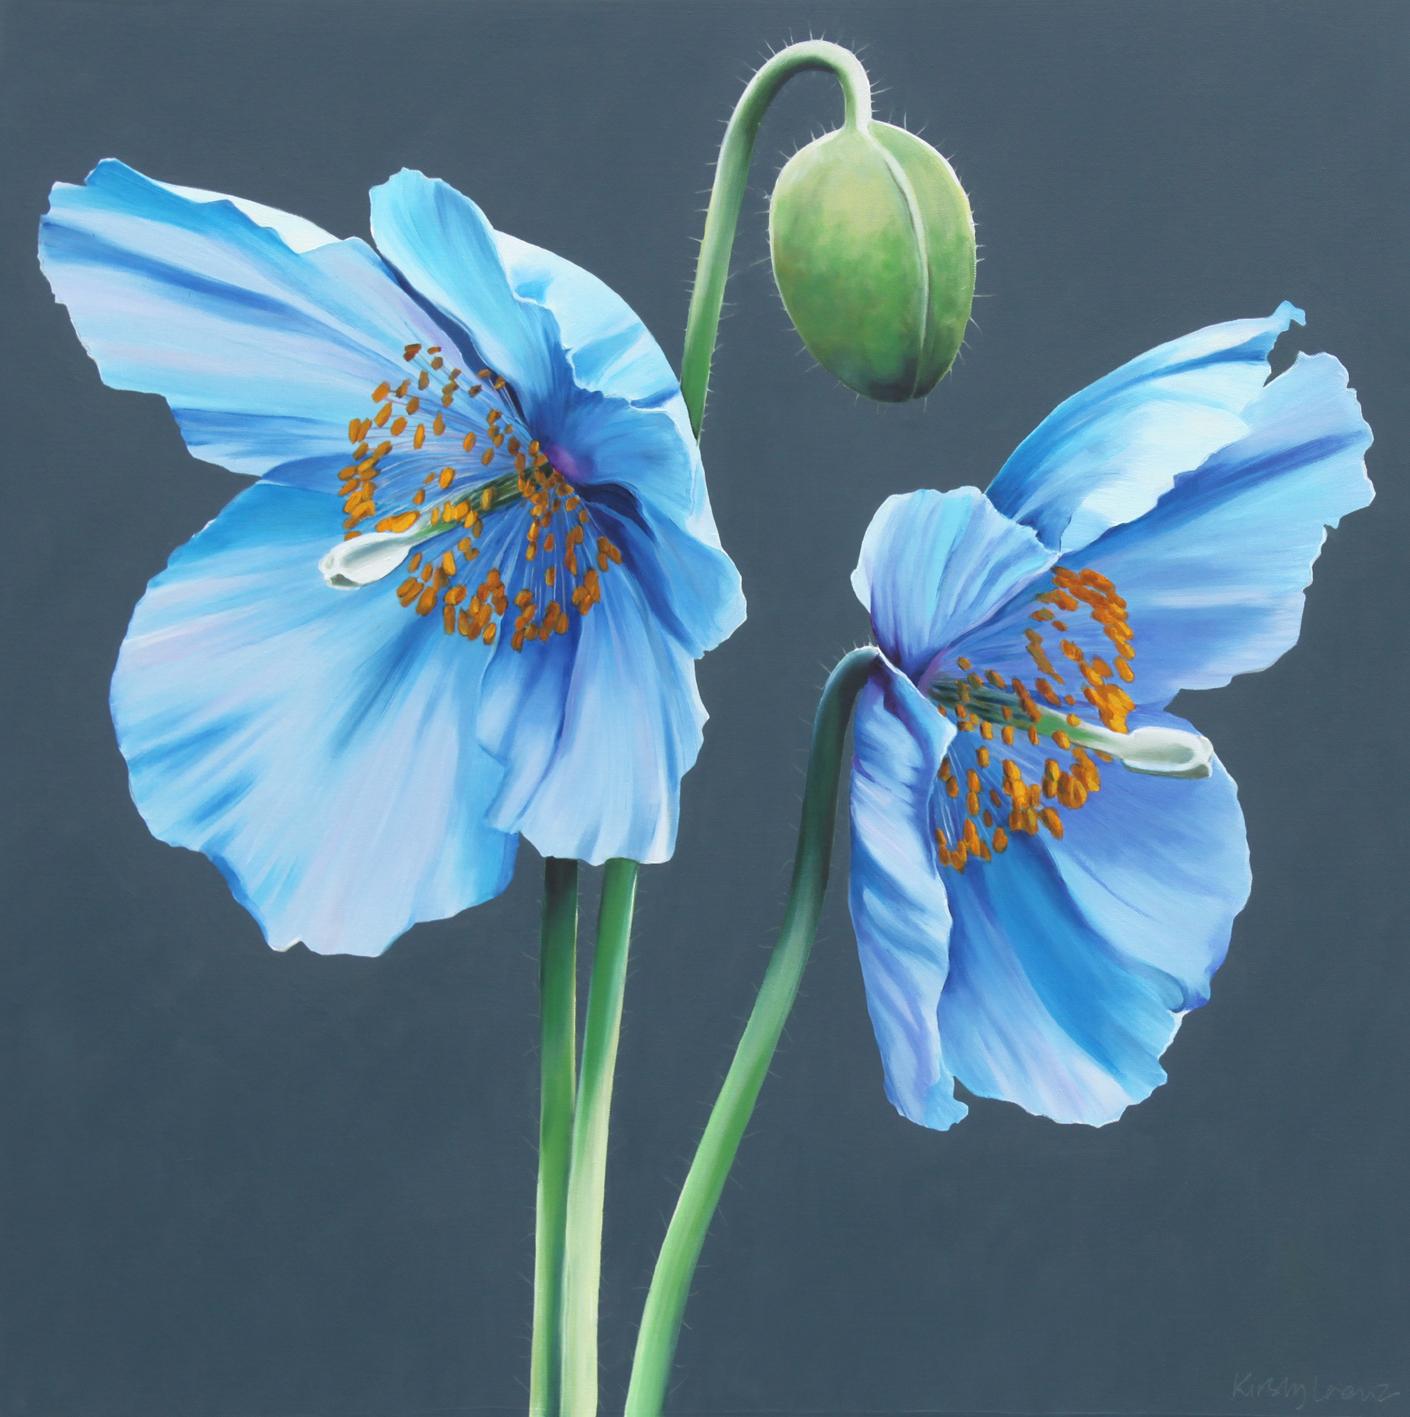 Drawn poppy blue poppy Painting Blue and poppy Pinterest